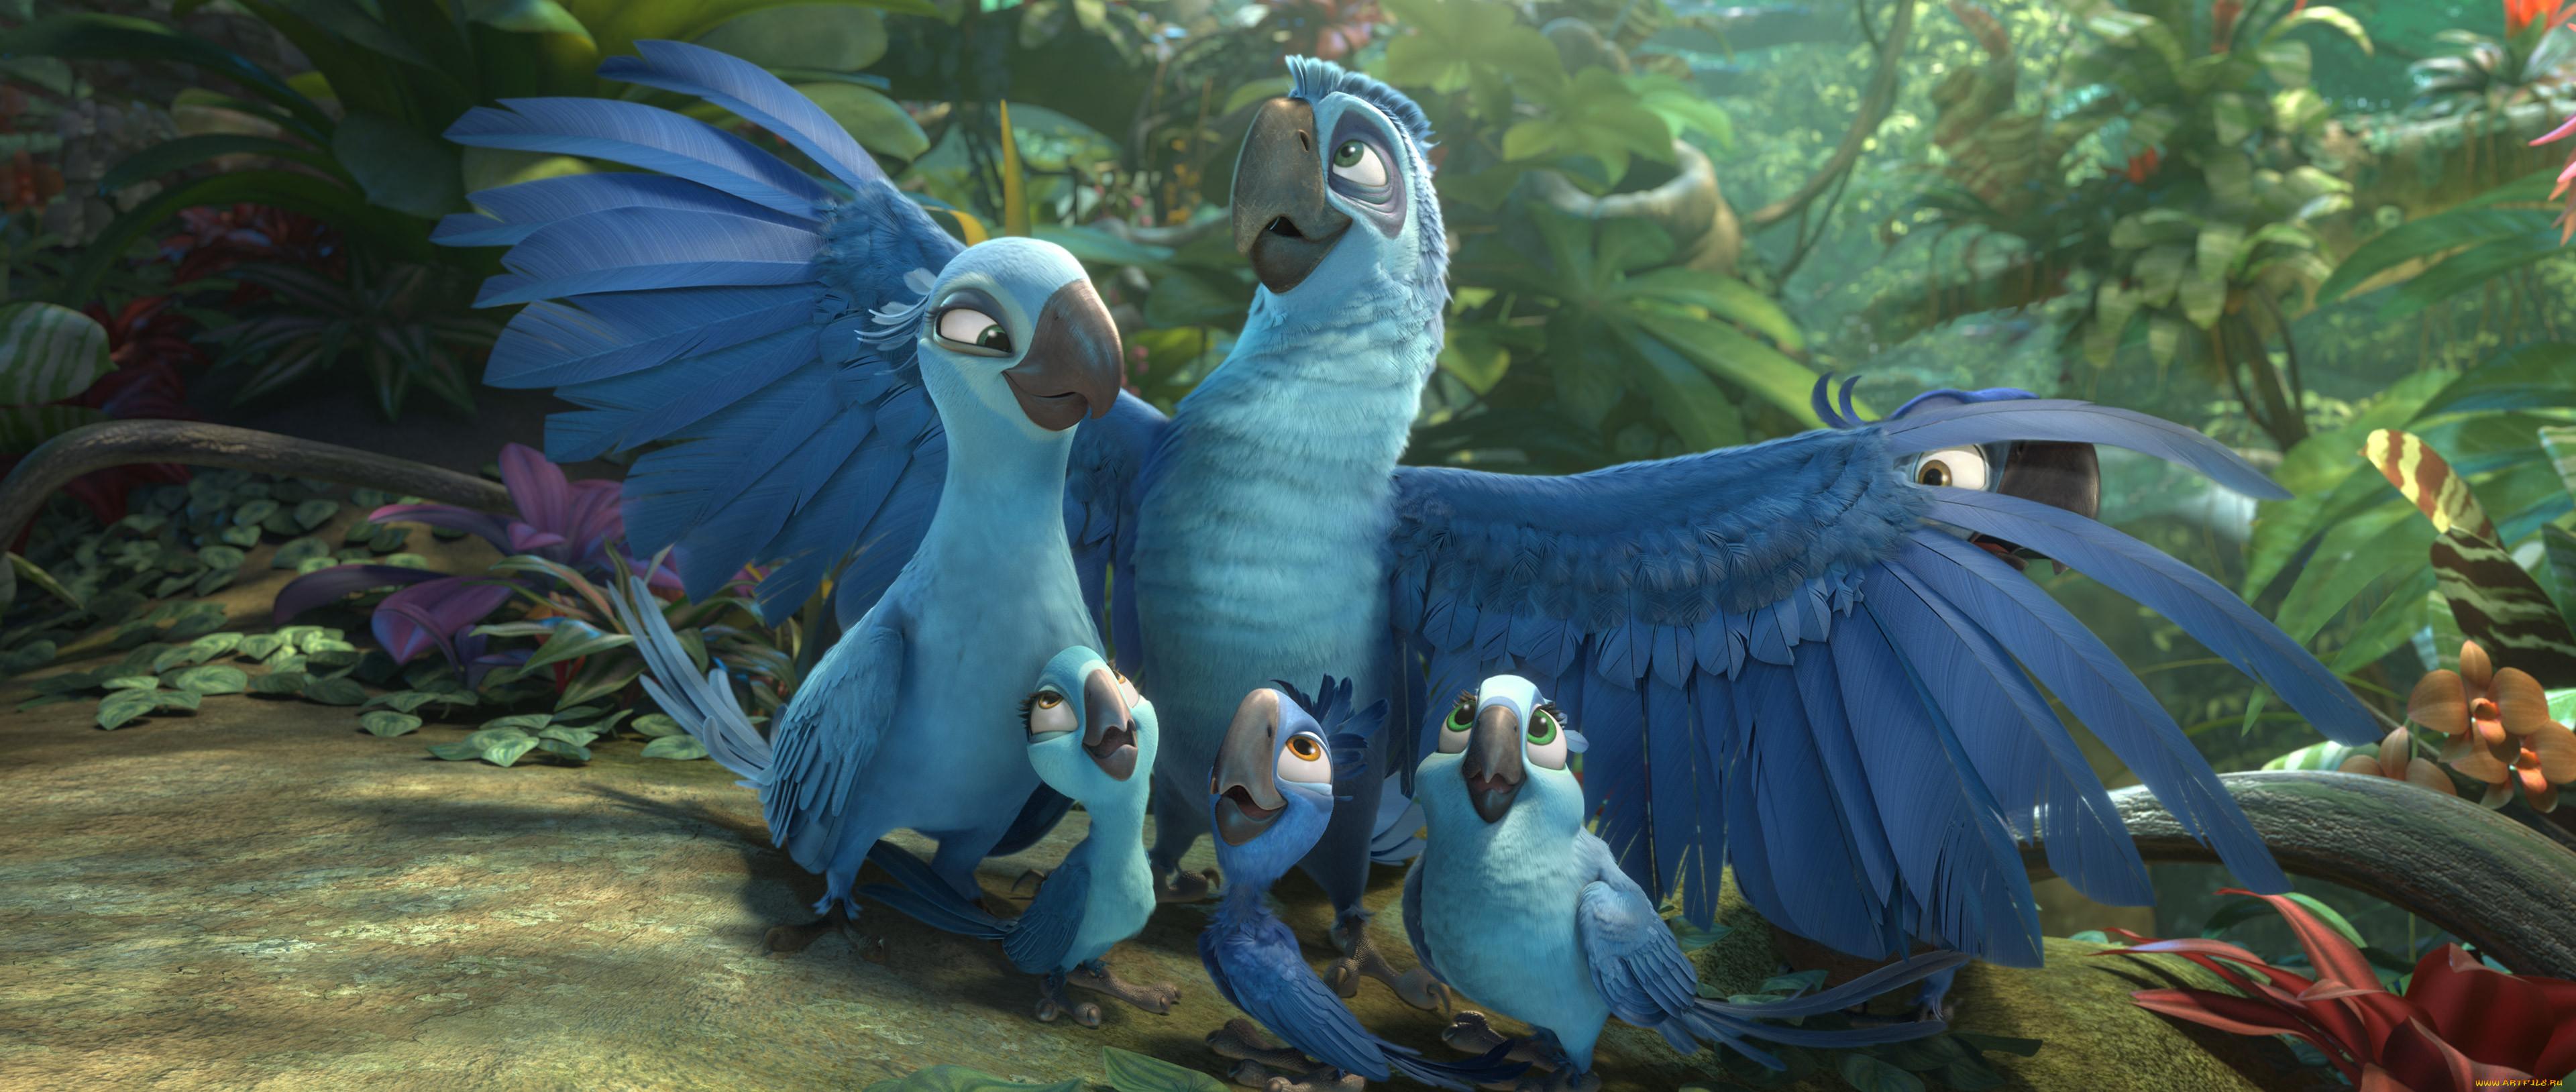 Мультфильмы дисней птицы